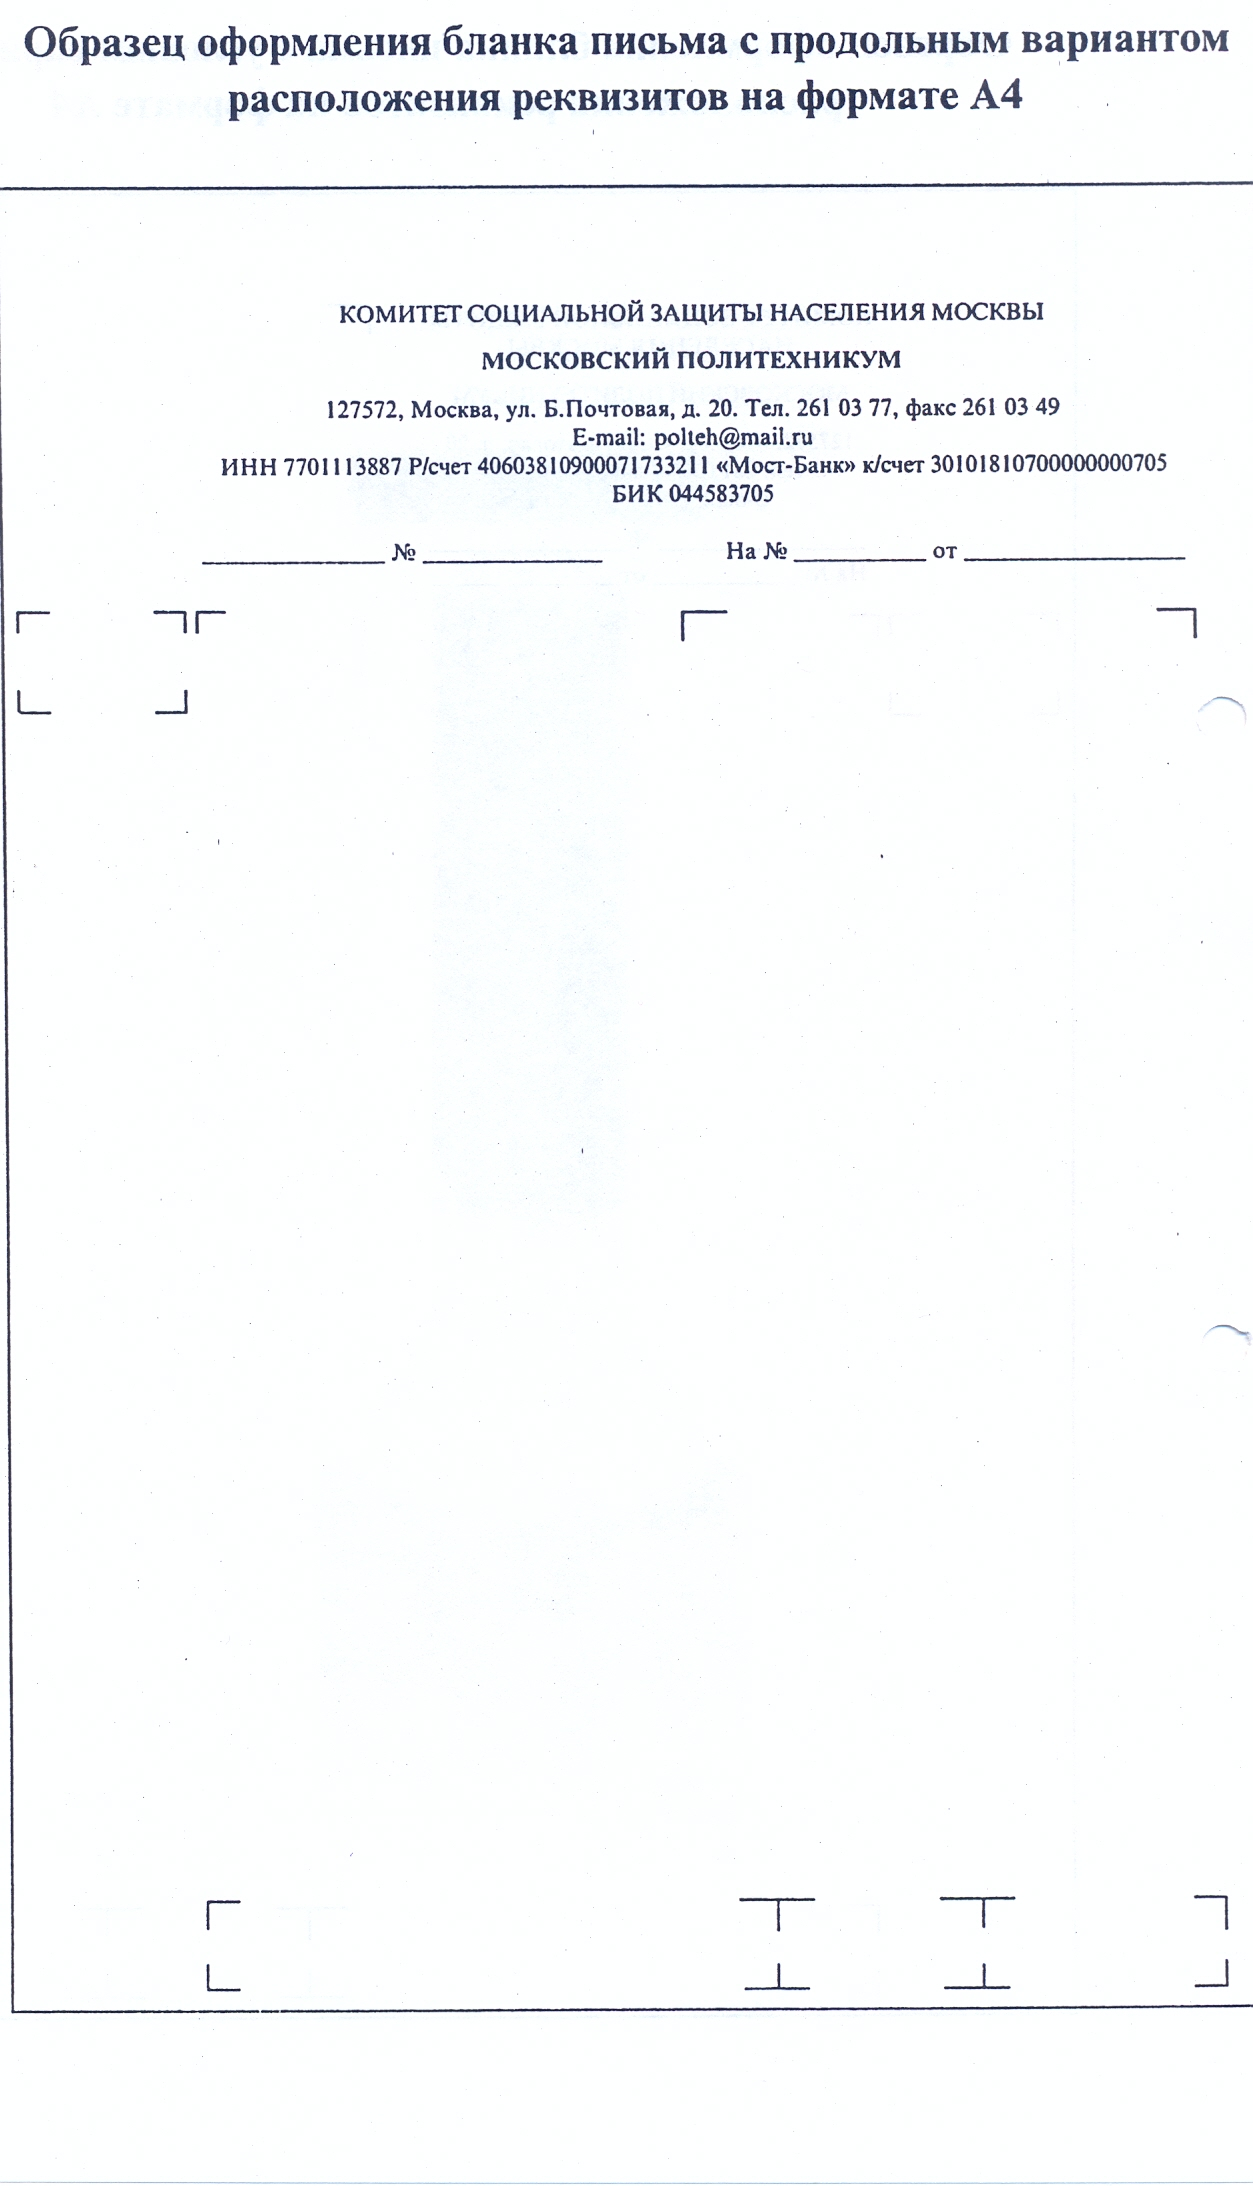 Требование к бумаге бланка гост